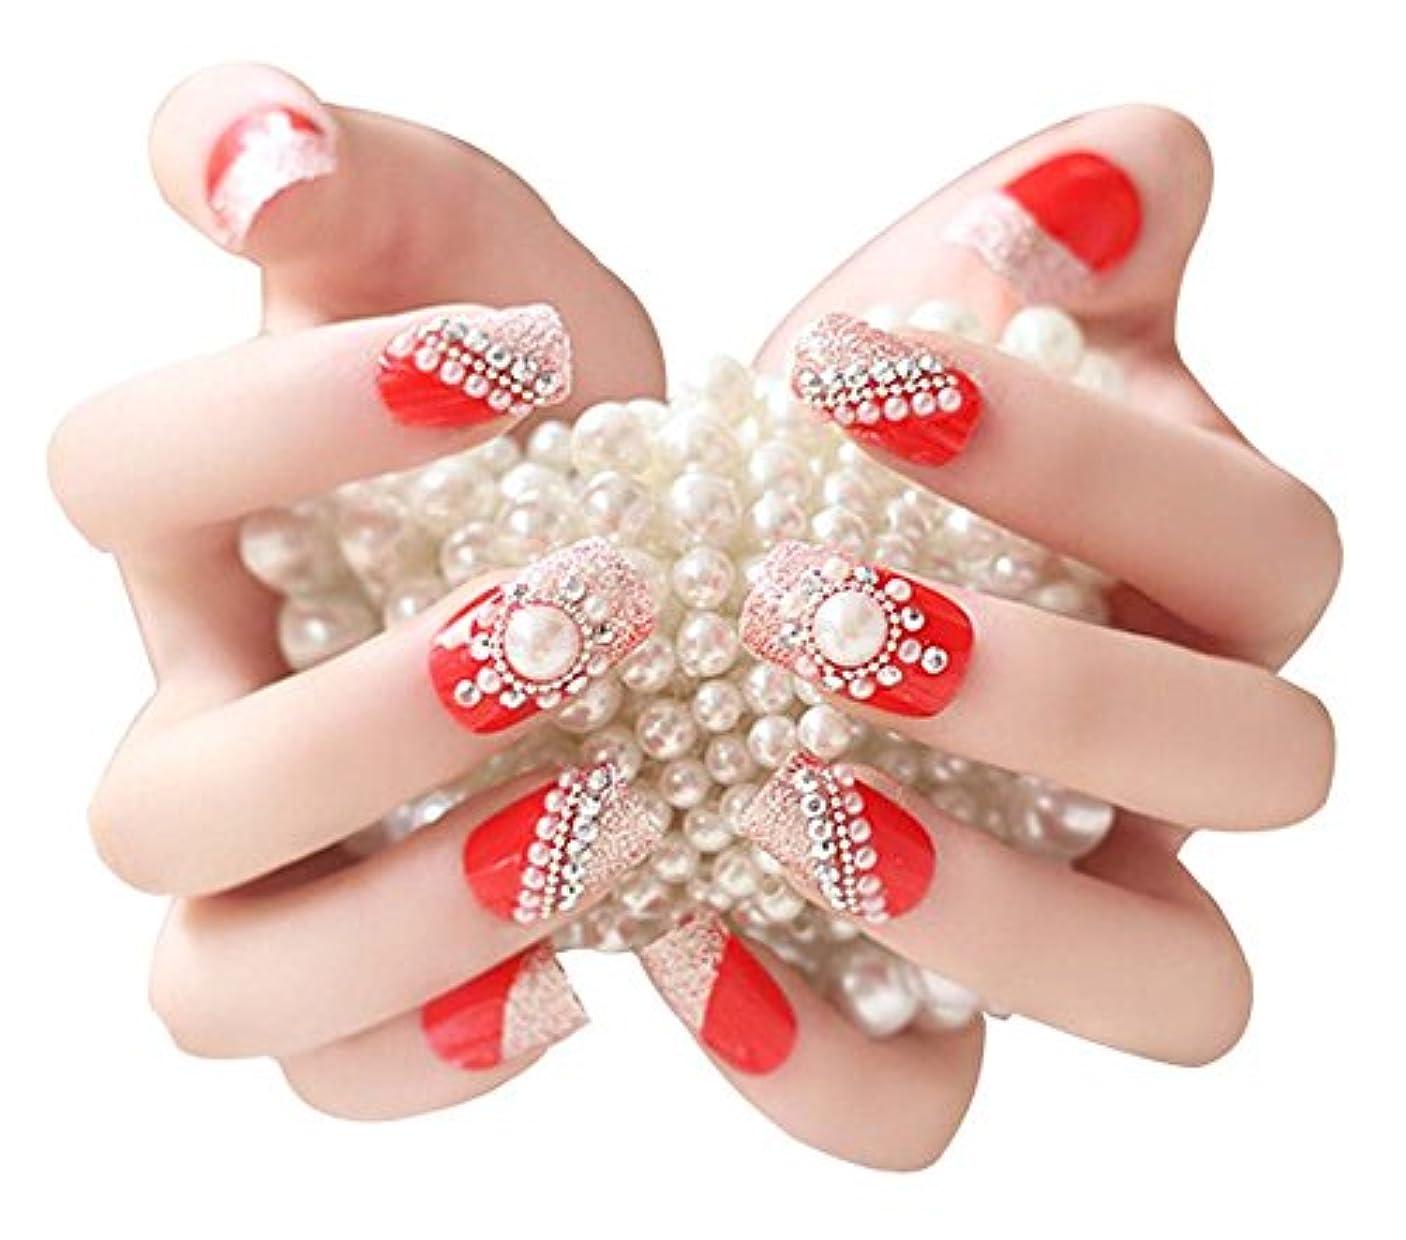 広範囲に販売計画贅沢人工真珠ラインストーンつけ爪結婚式のメイクアップネイルアート、赤、2パック - 48枚